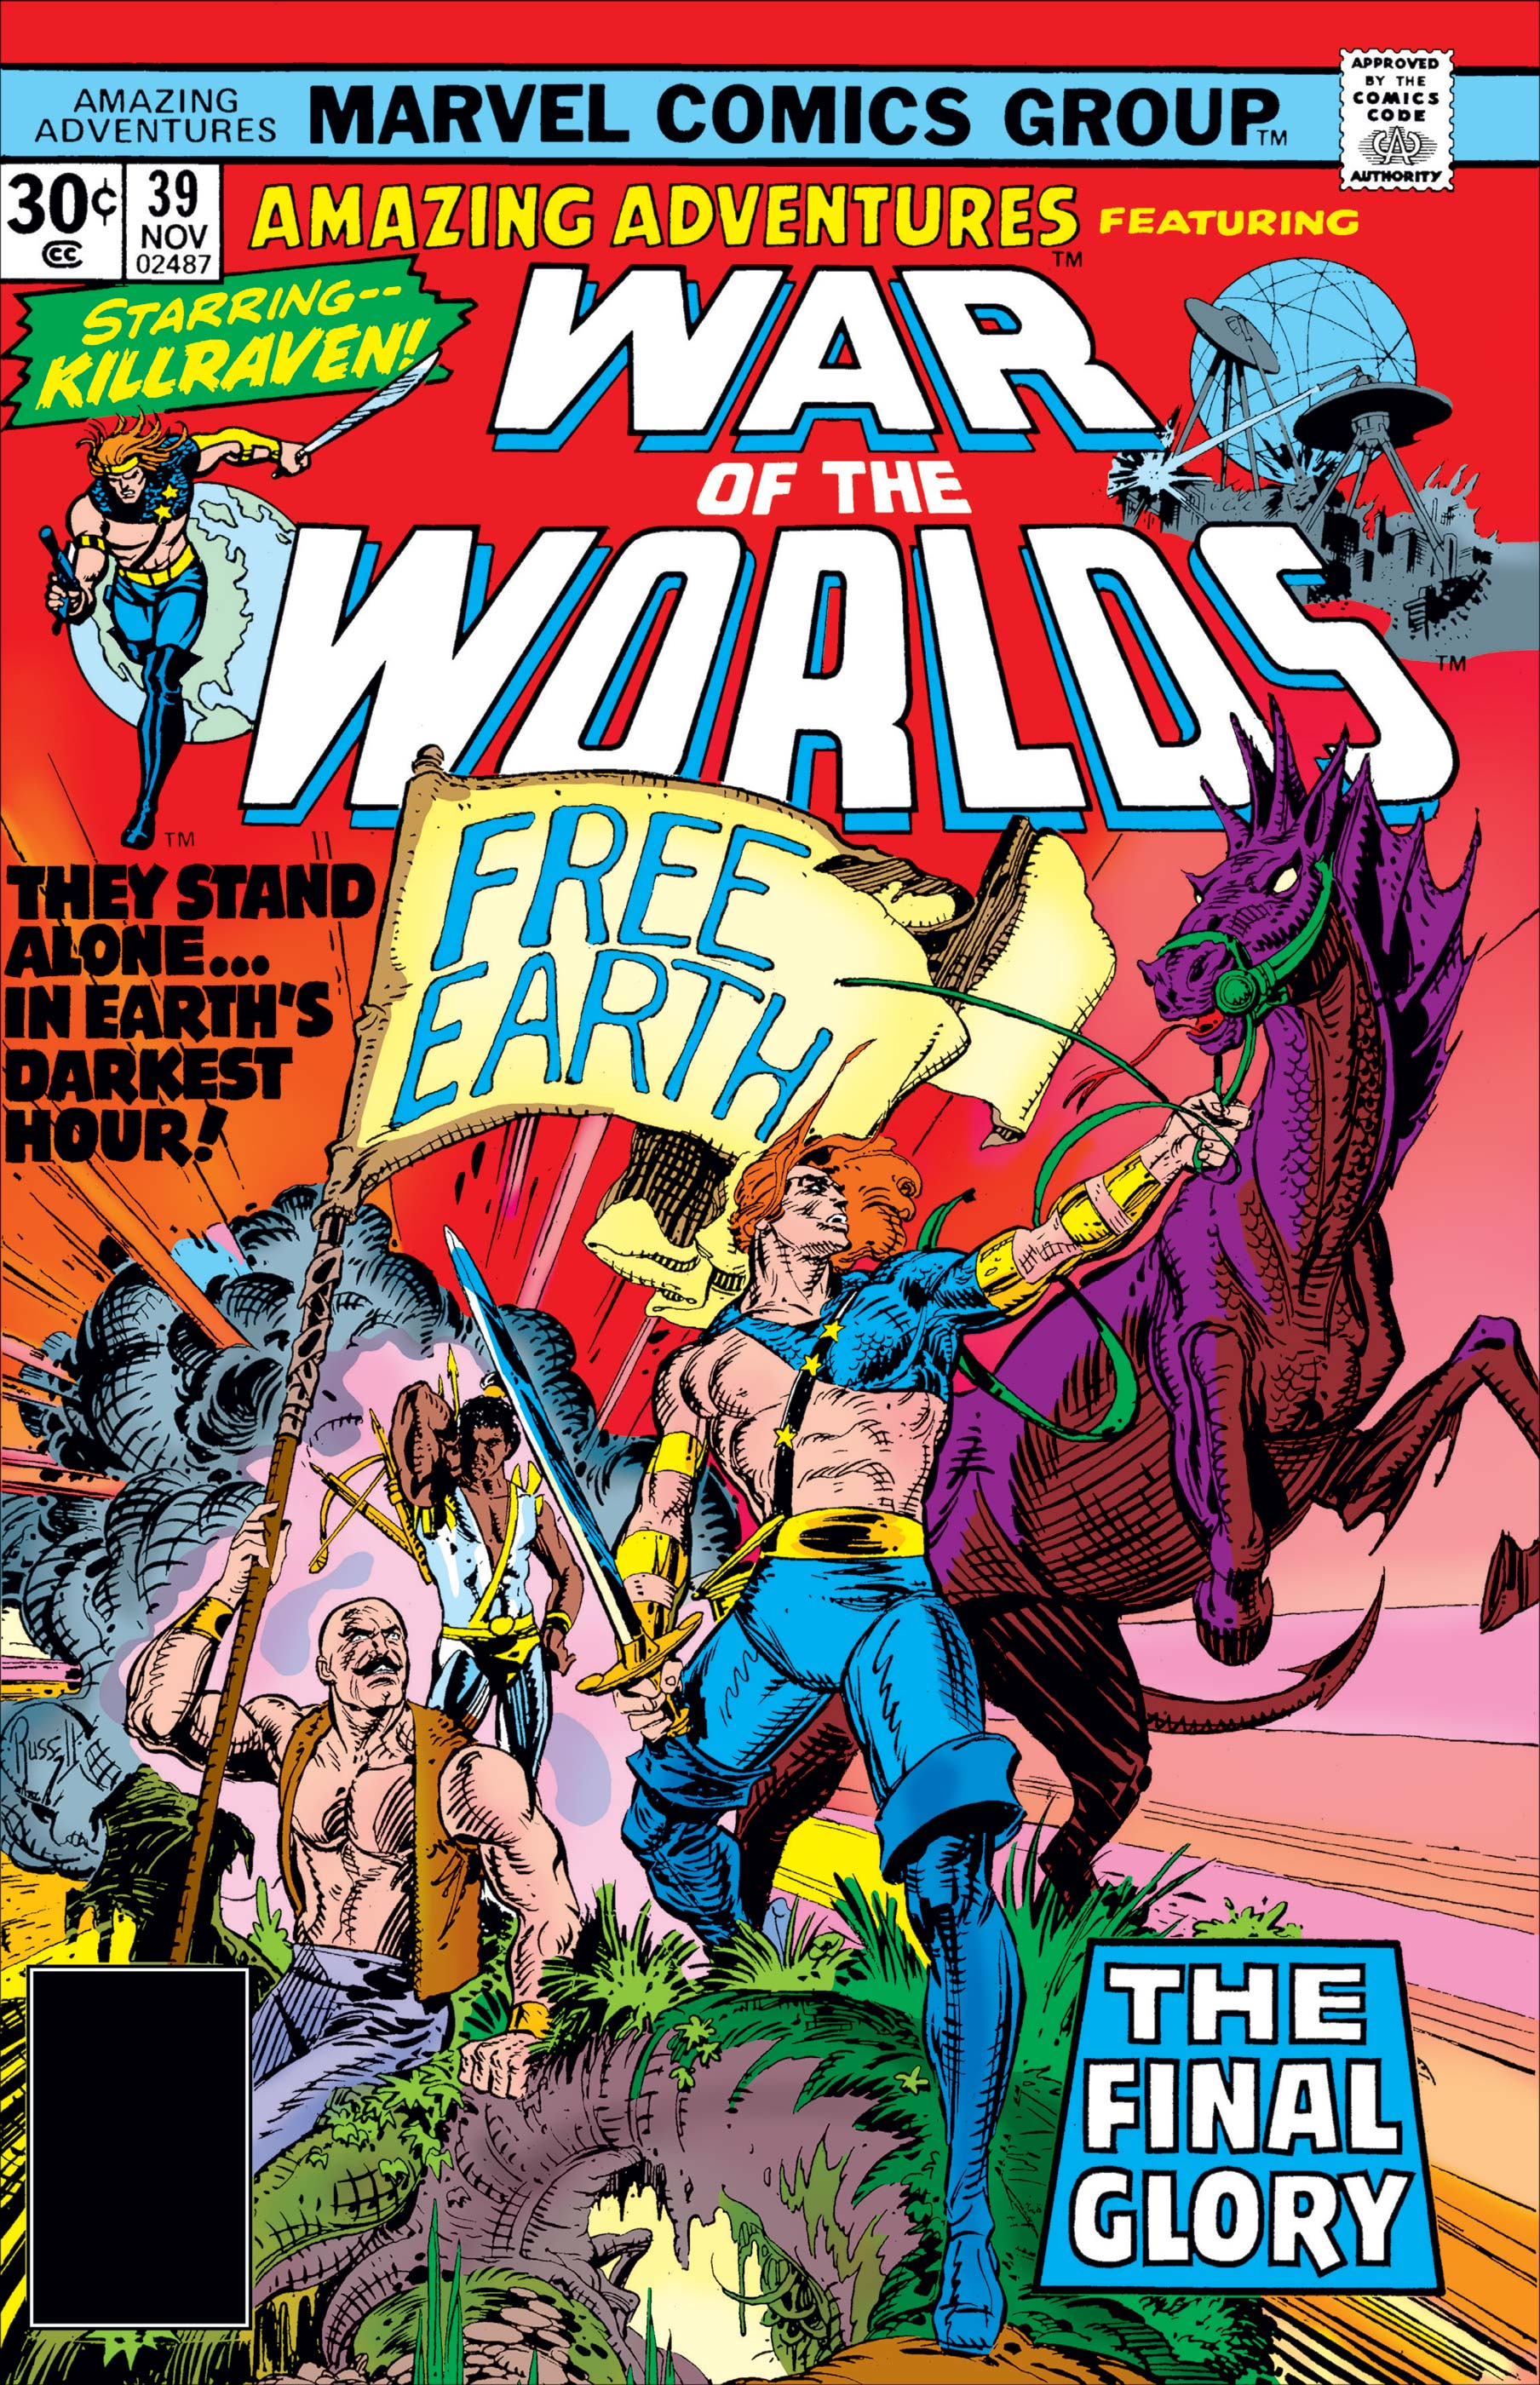 Amazing Adventures (1970) #39